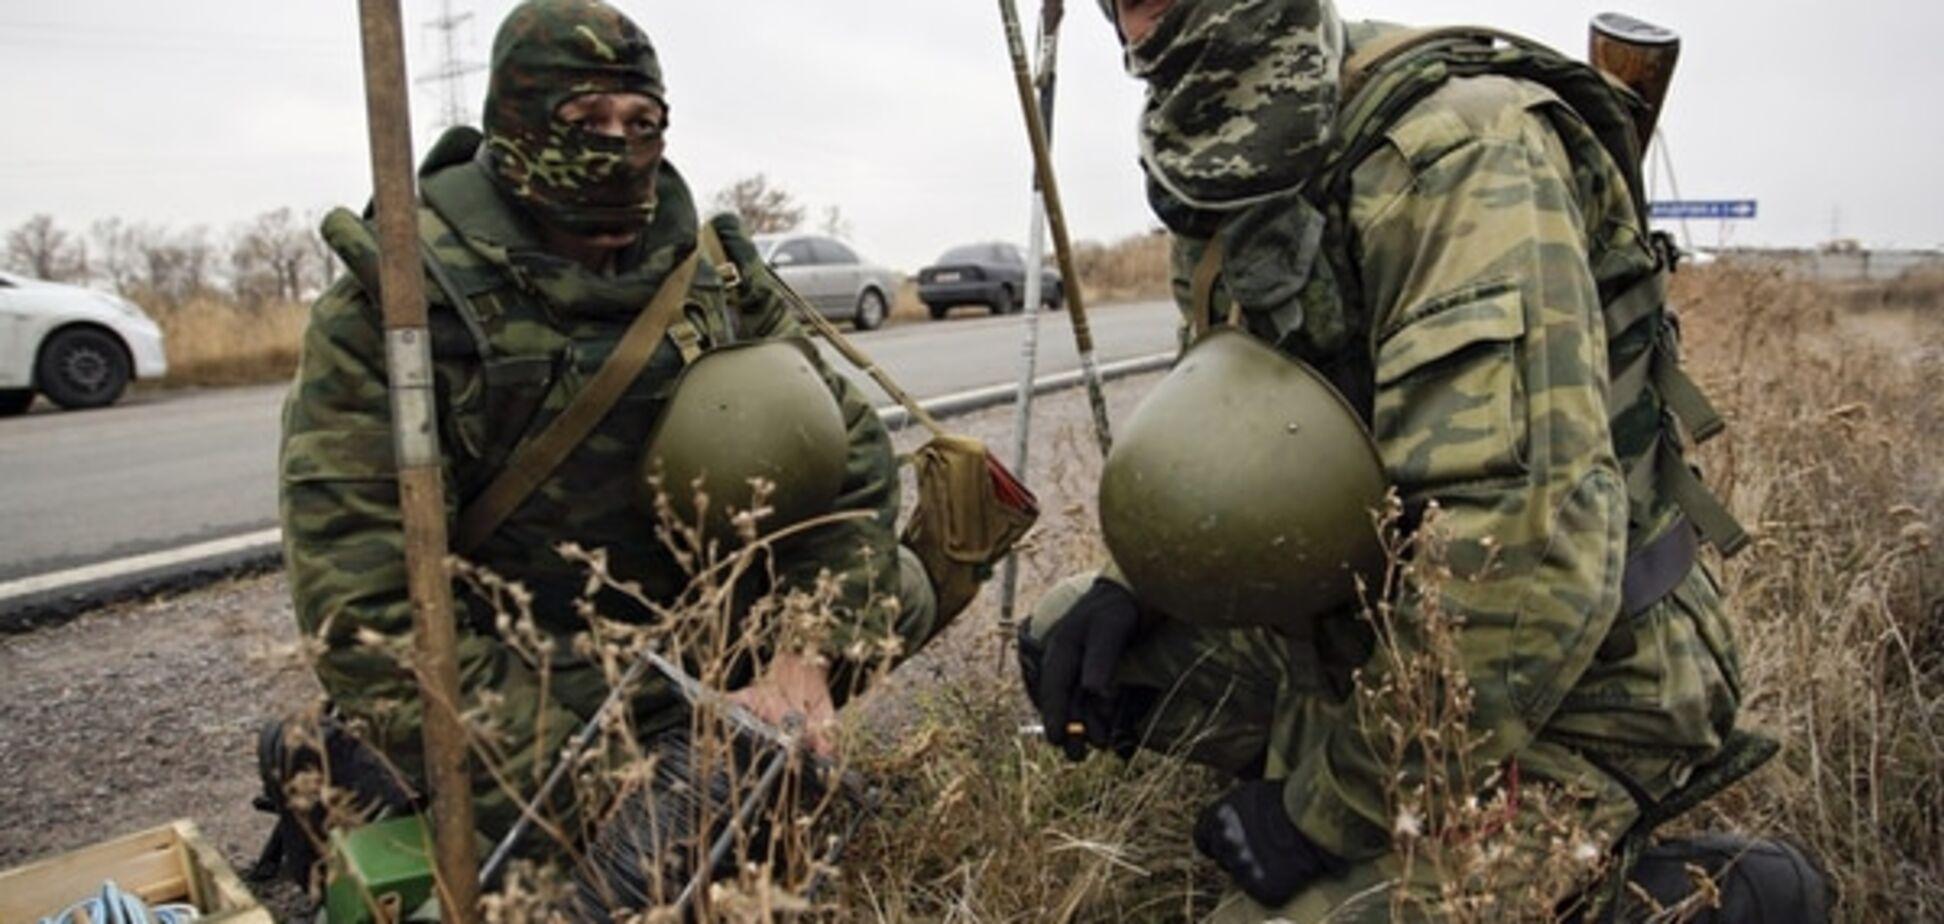 Ніч у АТО: терористи зосередилися на Донецькому напрямку